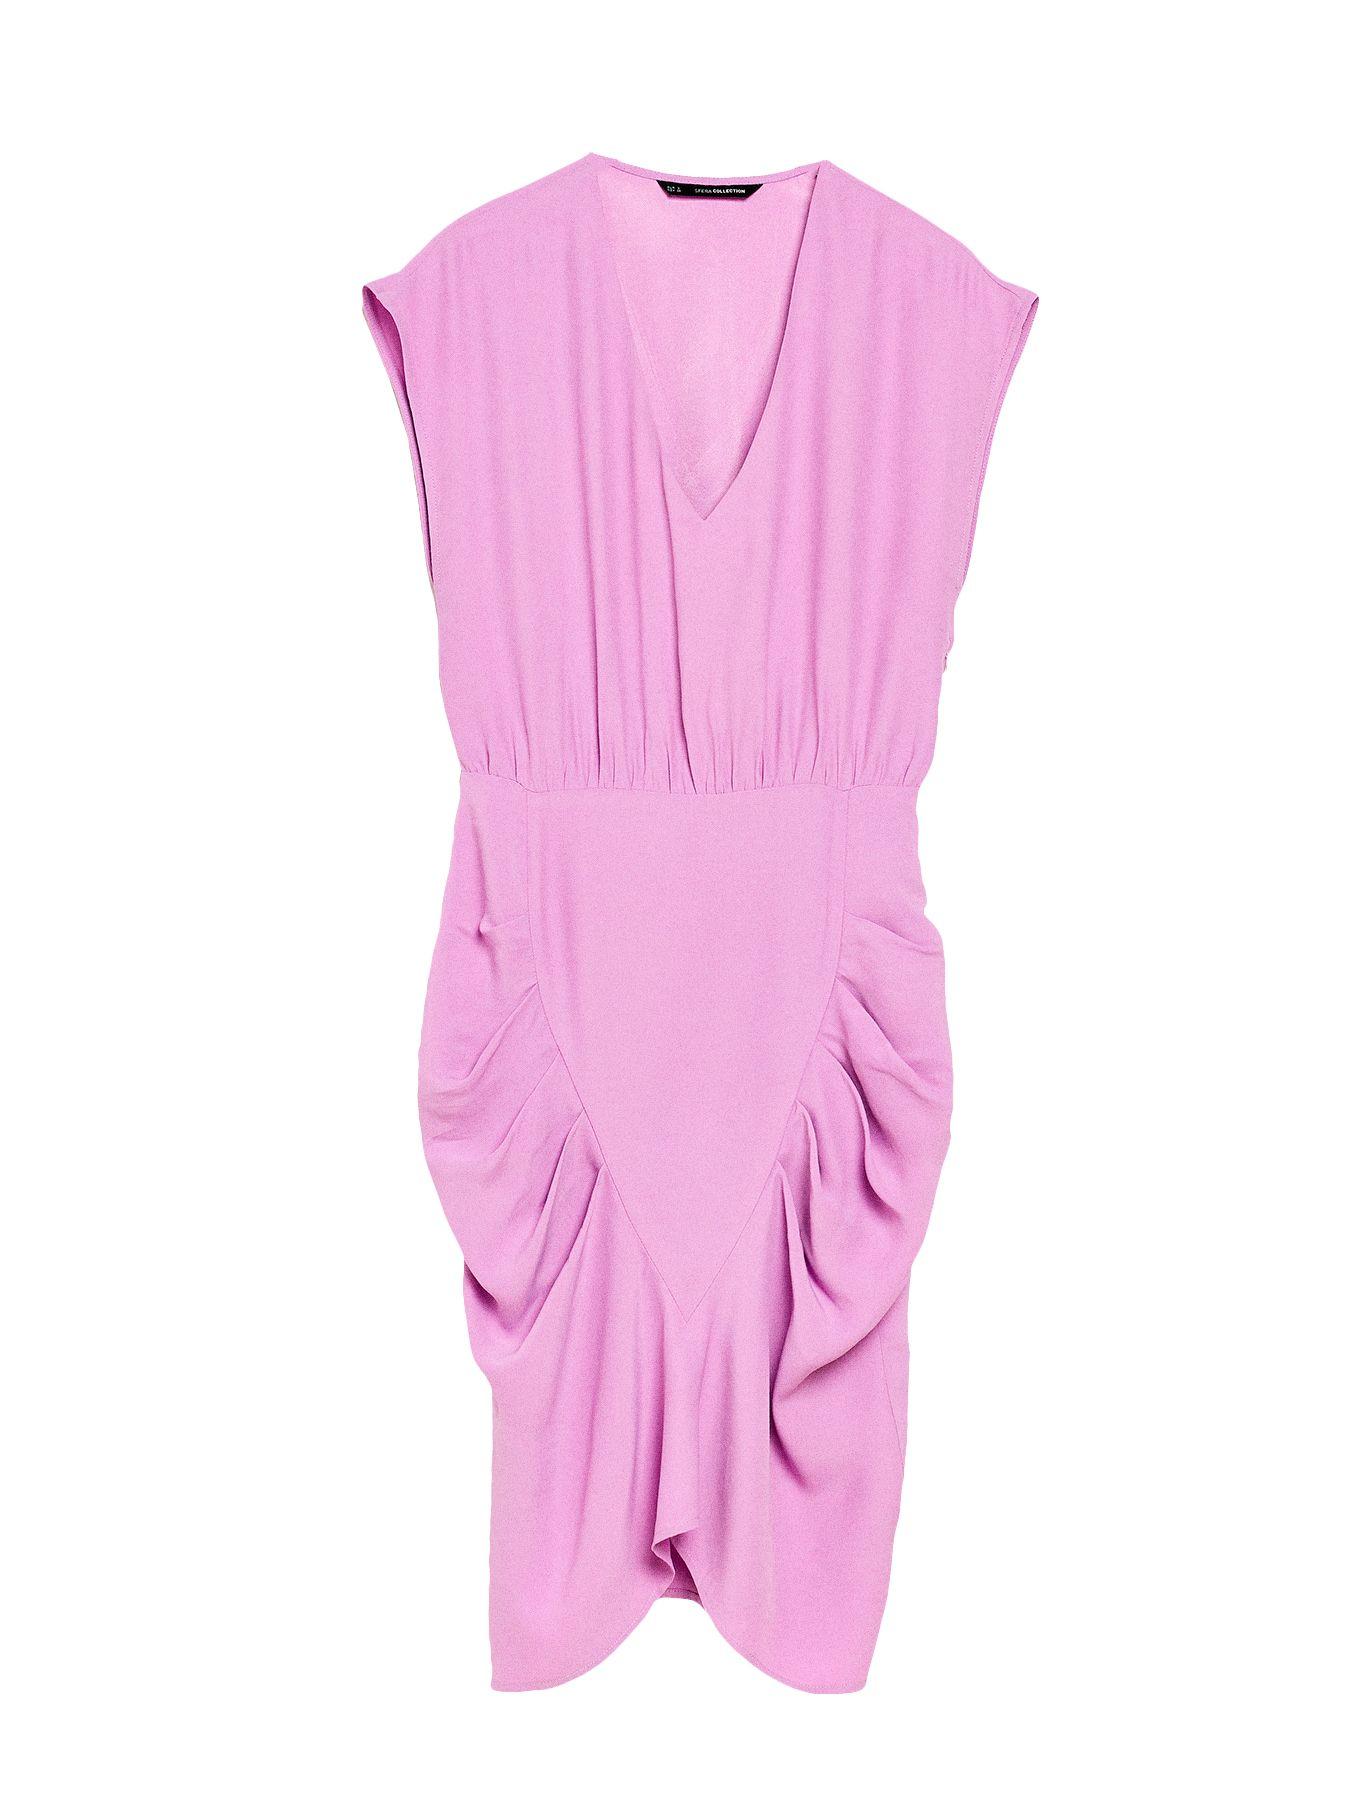 Vestidos de fiesta baratos - Los mejores vestidos de fiesta baratos ...